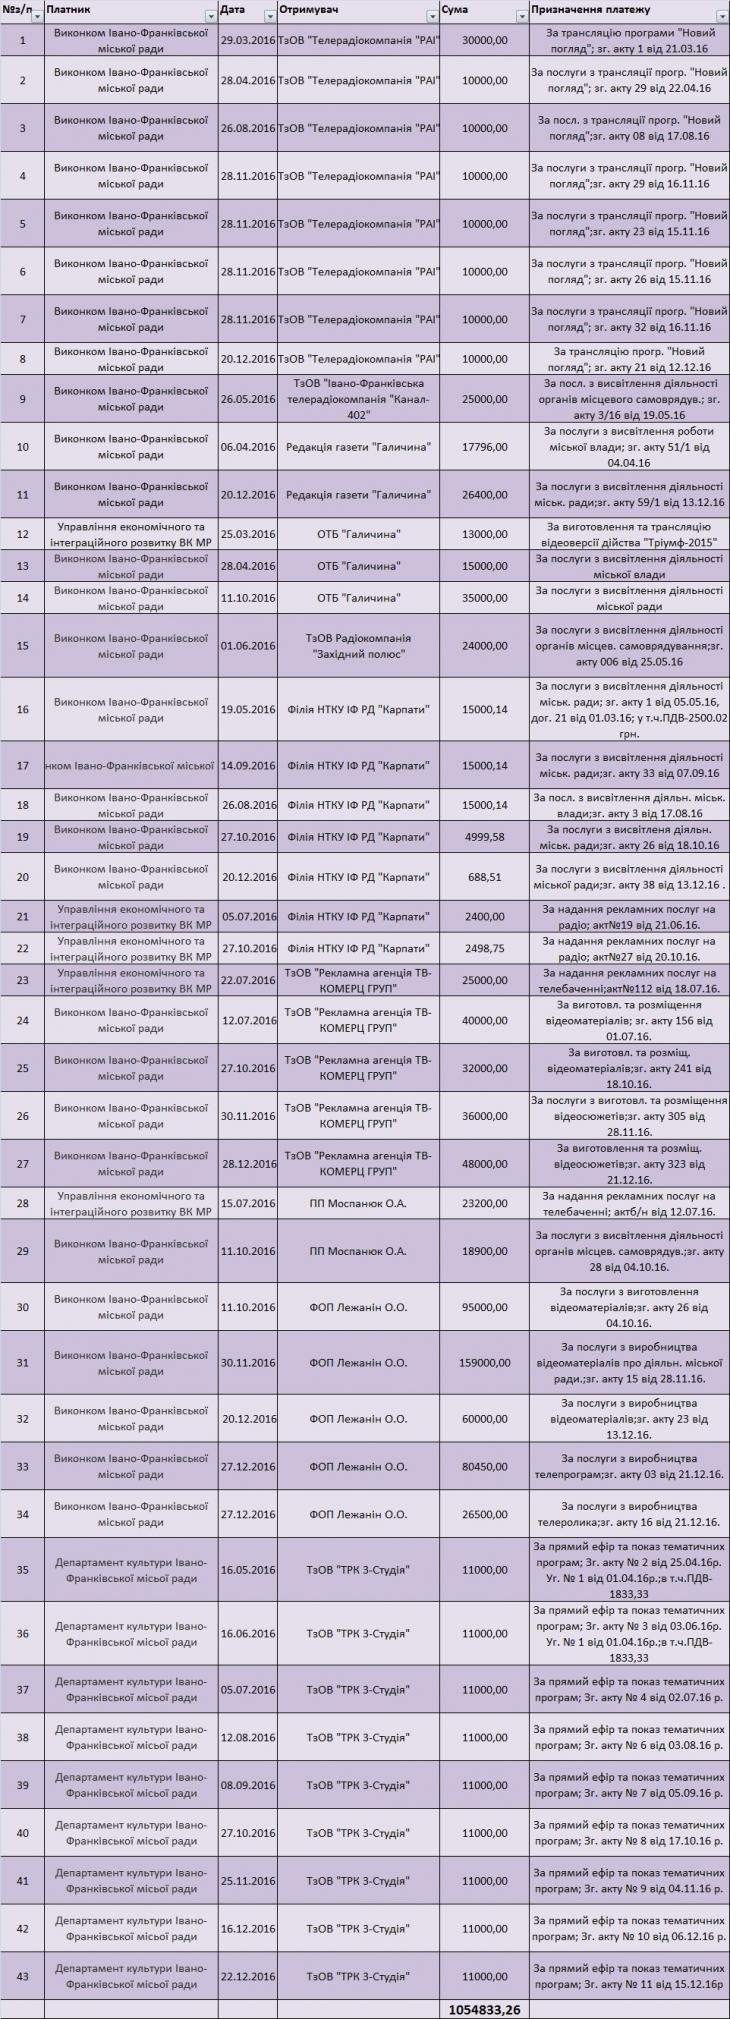 Піар понад усе: скільки громада Івано-Франківська платить за рекламу Руслана Марцінківа і його команди 20